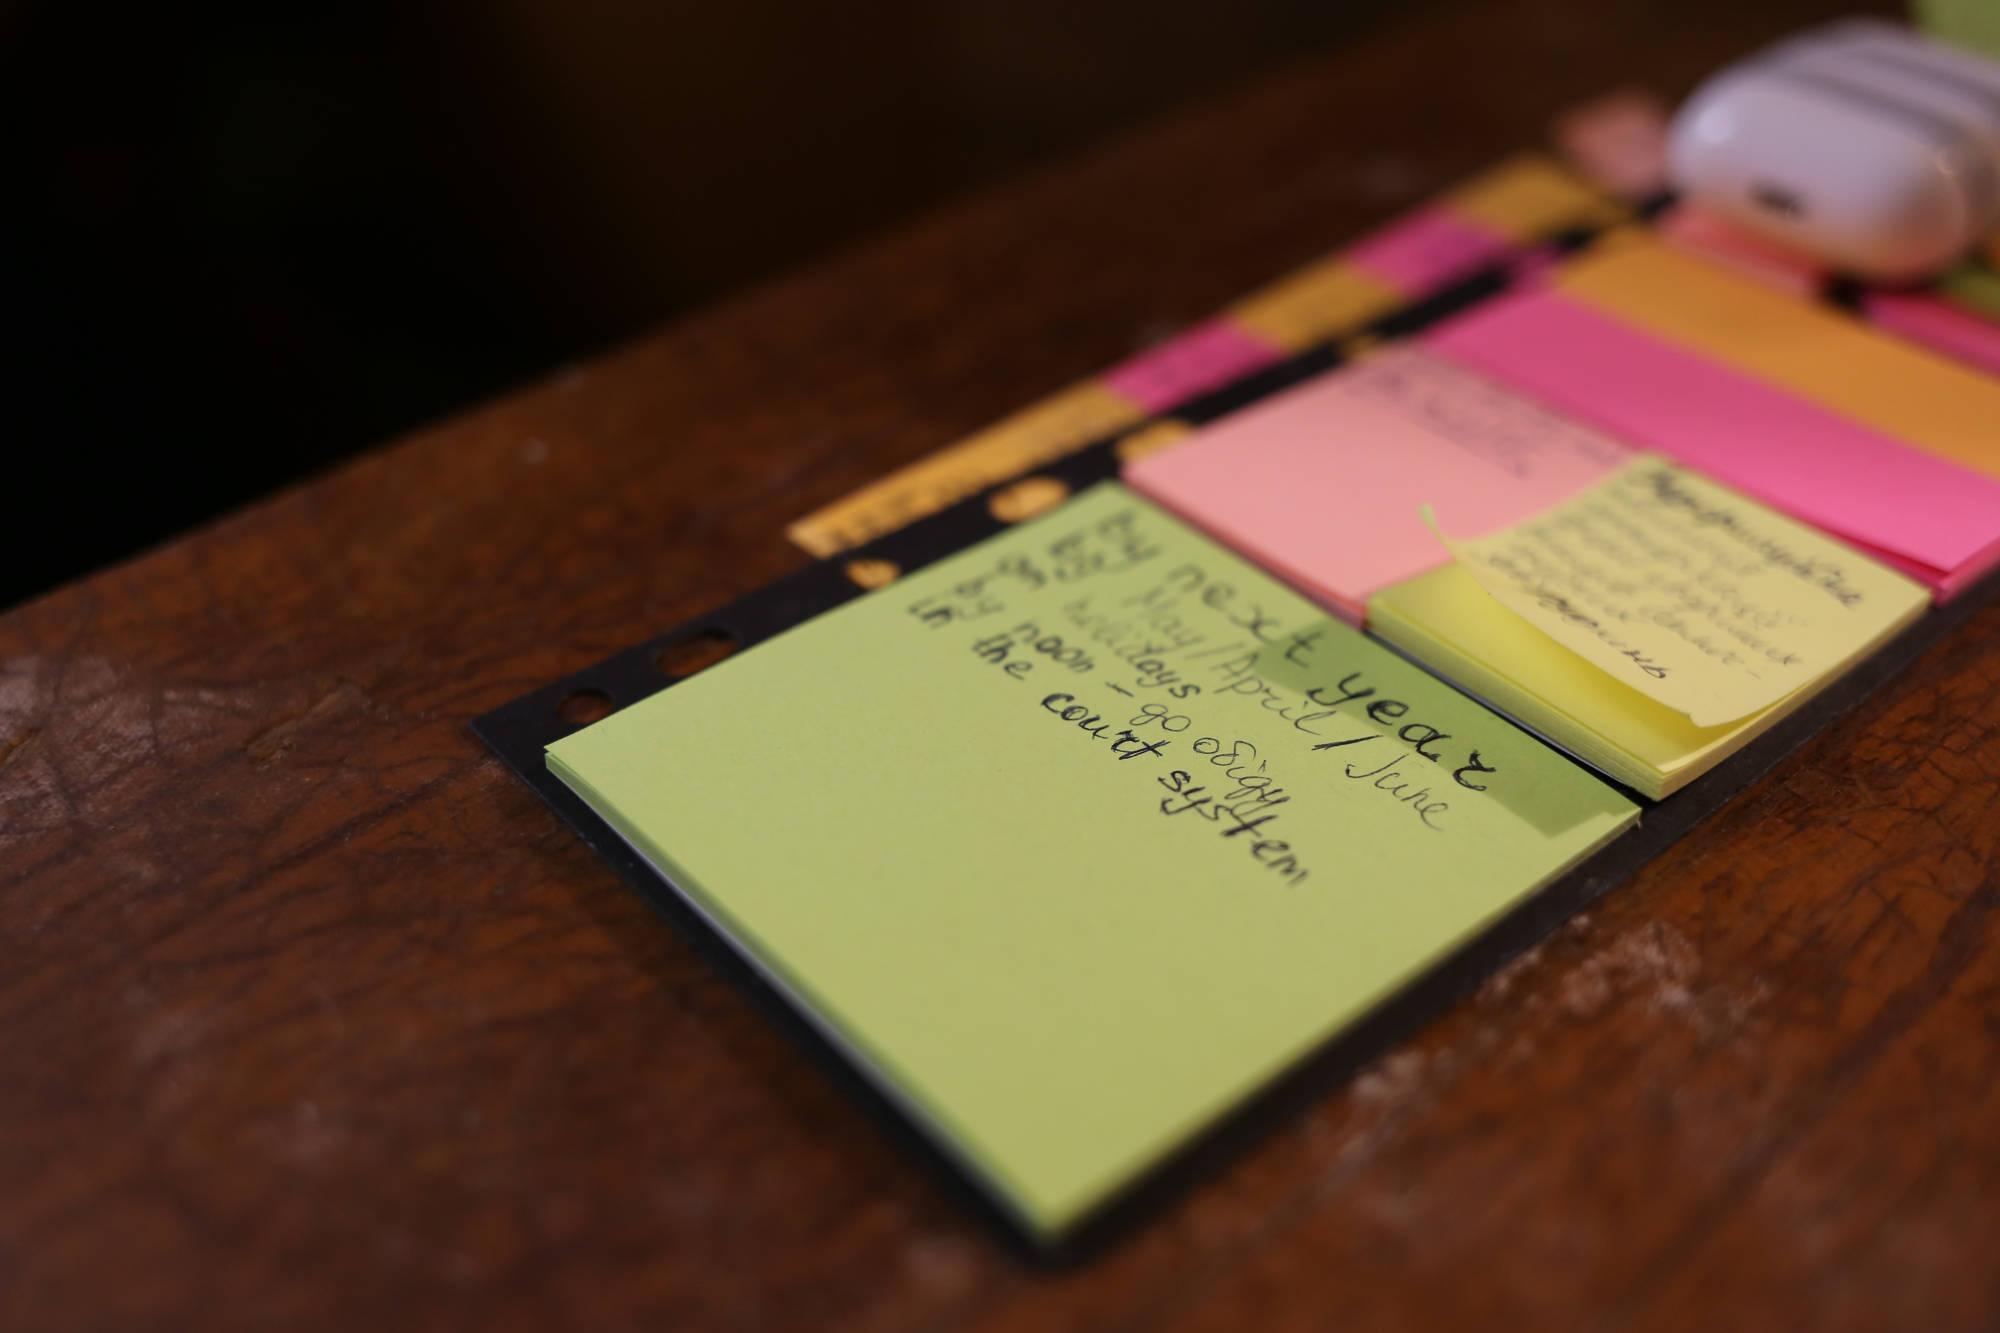 Nauczanie gramatyki - o czym warto pamiętać przygotowując zajęcia